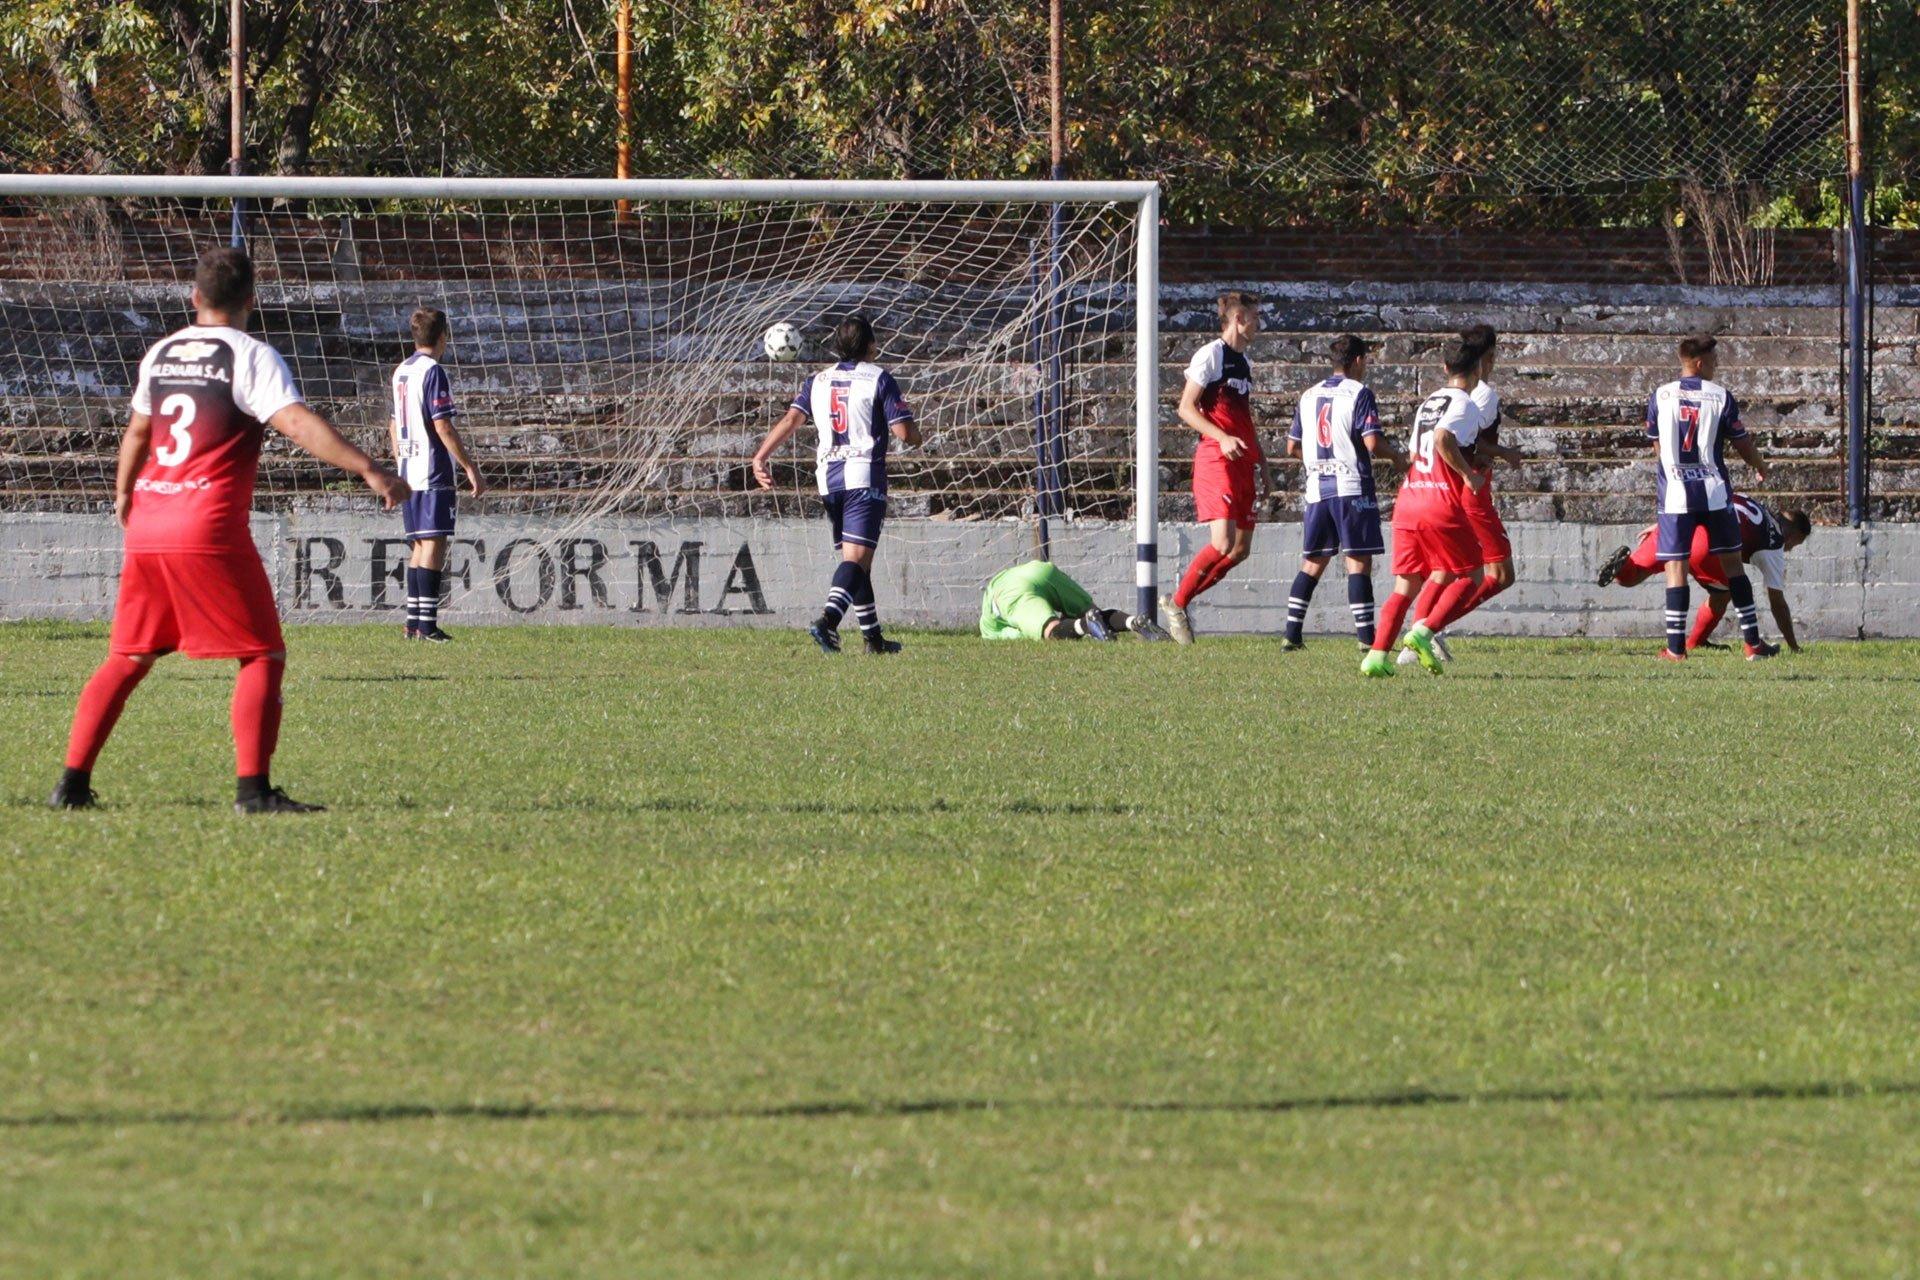 Liga Pampeana: Goleadas de Sportivo Independiente, Rácing y Estudiantil de Castex en la cuarta fecha